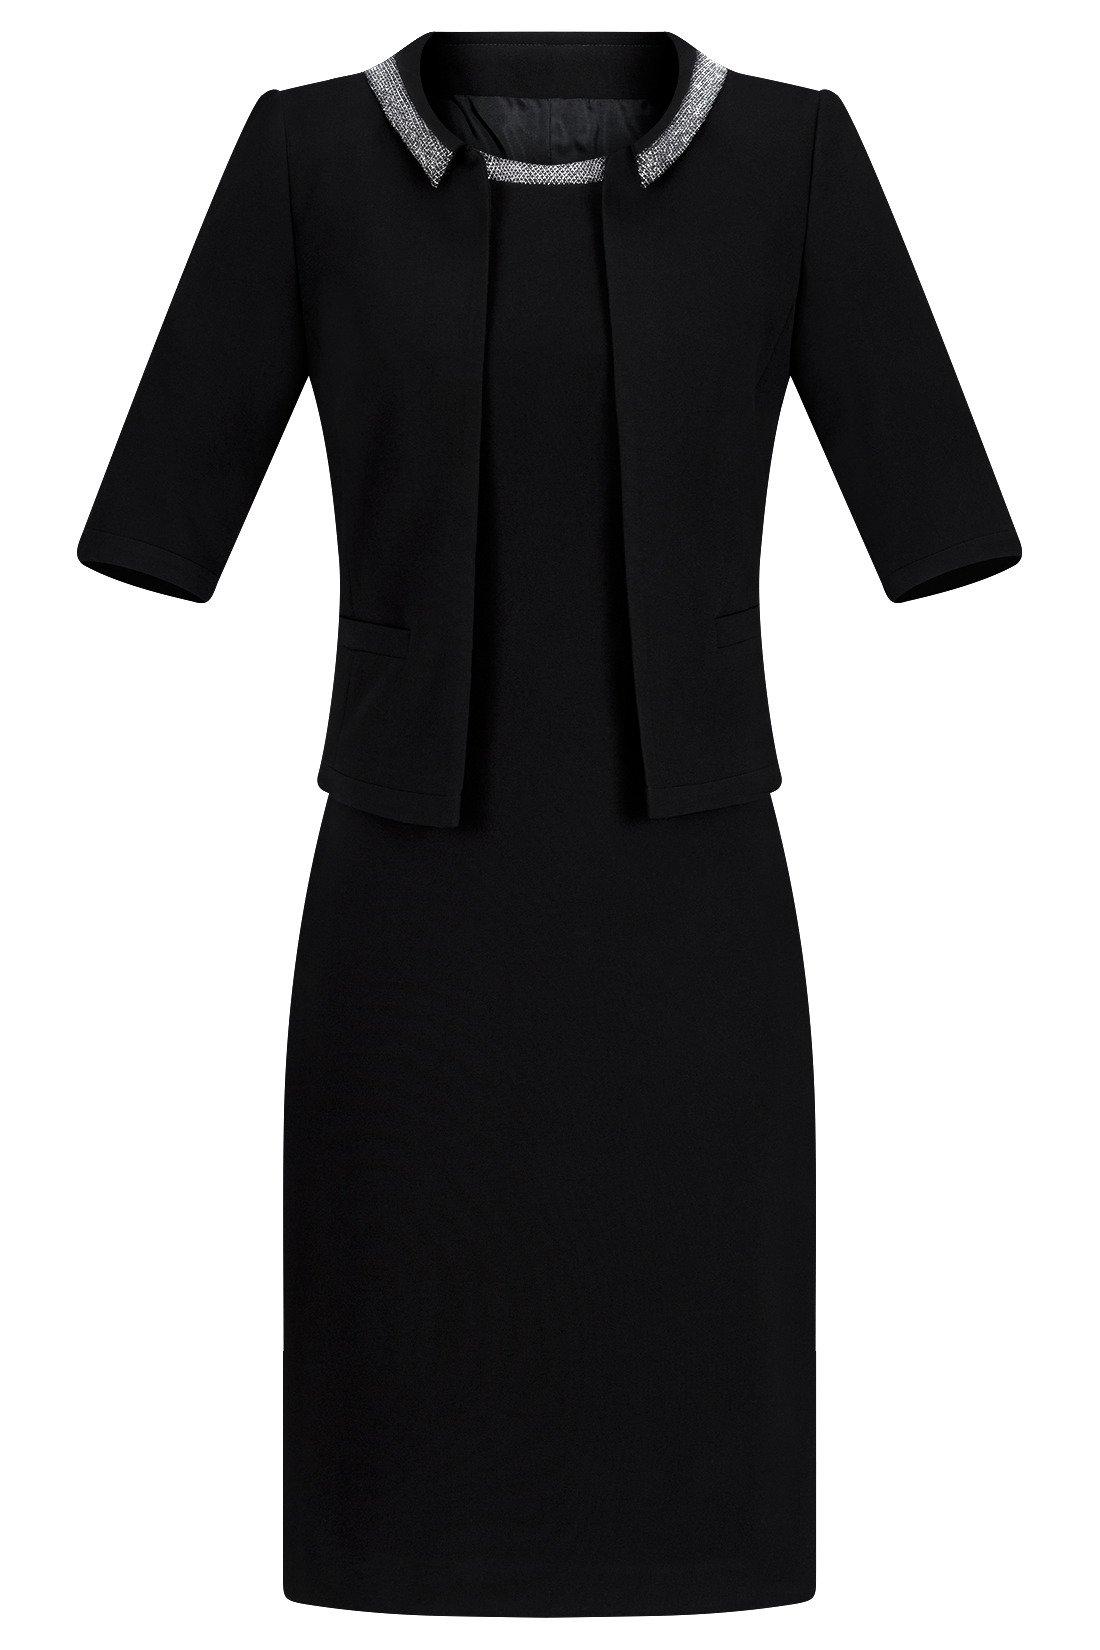 fa2ec8b074 Komplet Dagon 2052 czarny - sukienka i żakiet Kliknij